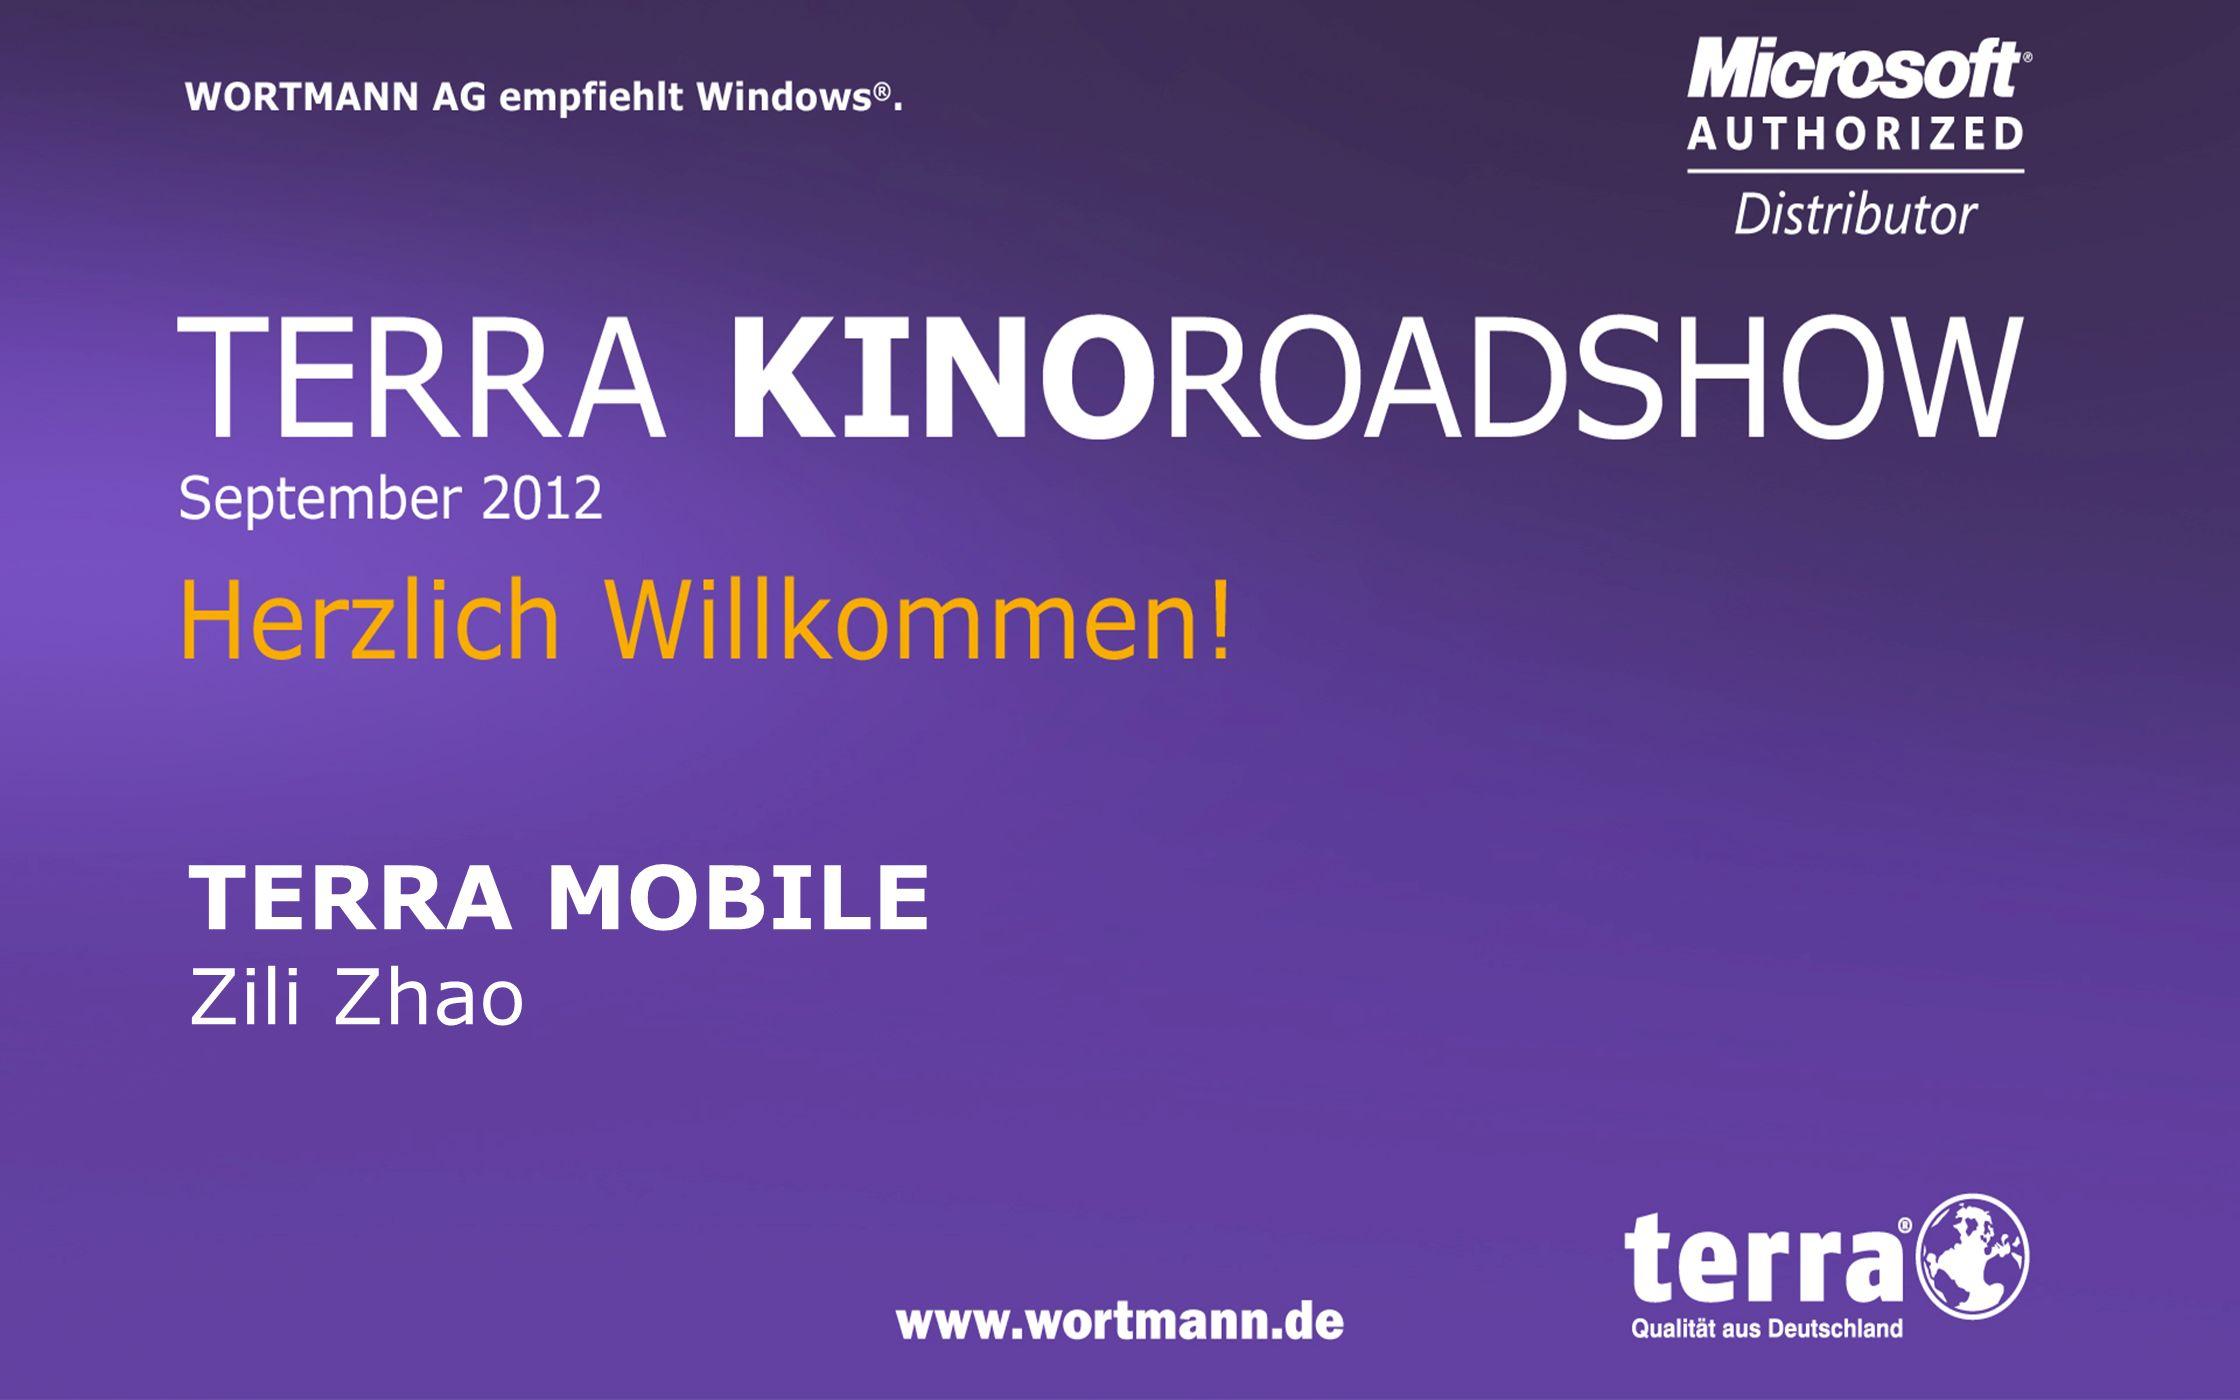 www.wortmann.de TERRA MOBILE DOCKING-MODEL 15 TERRA 1540P 15,6 HD+ (1600x900) Non Glare Intel HM65 Chipsatz TERRA DOCKINGSTATION 840 TERRA 1541 15,6 FHD (1920x1080) Non Glare Intel HM77 Chipsatz TERRA DOCKINGSTATION 850 NEU EOL Q4 !